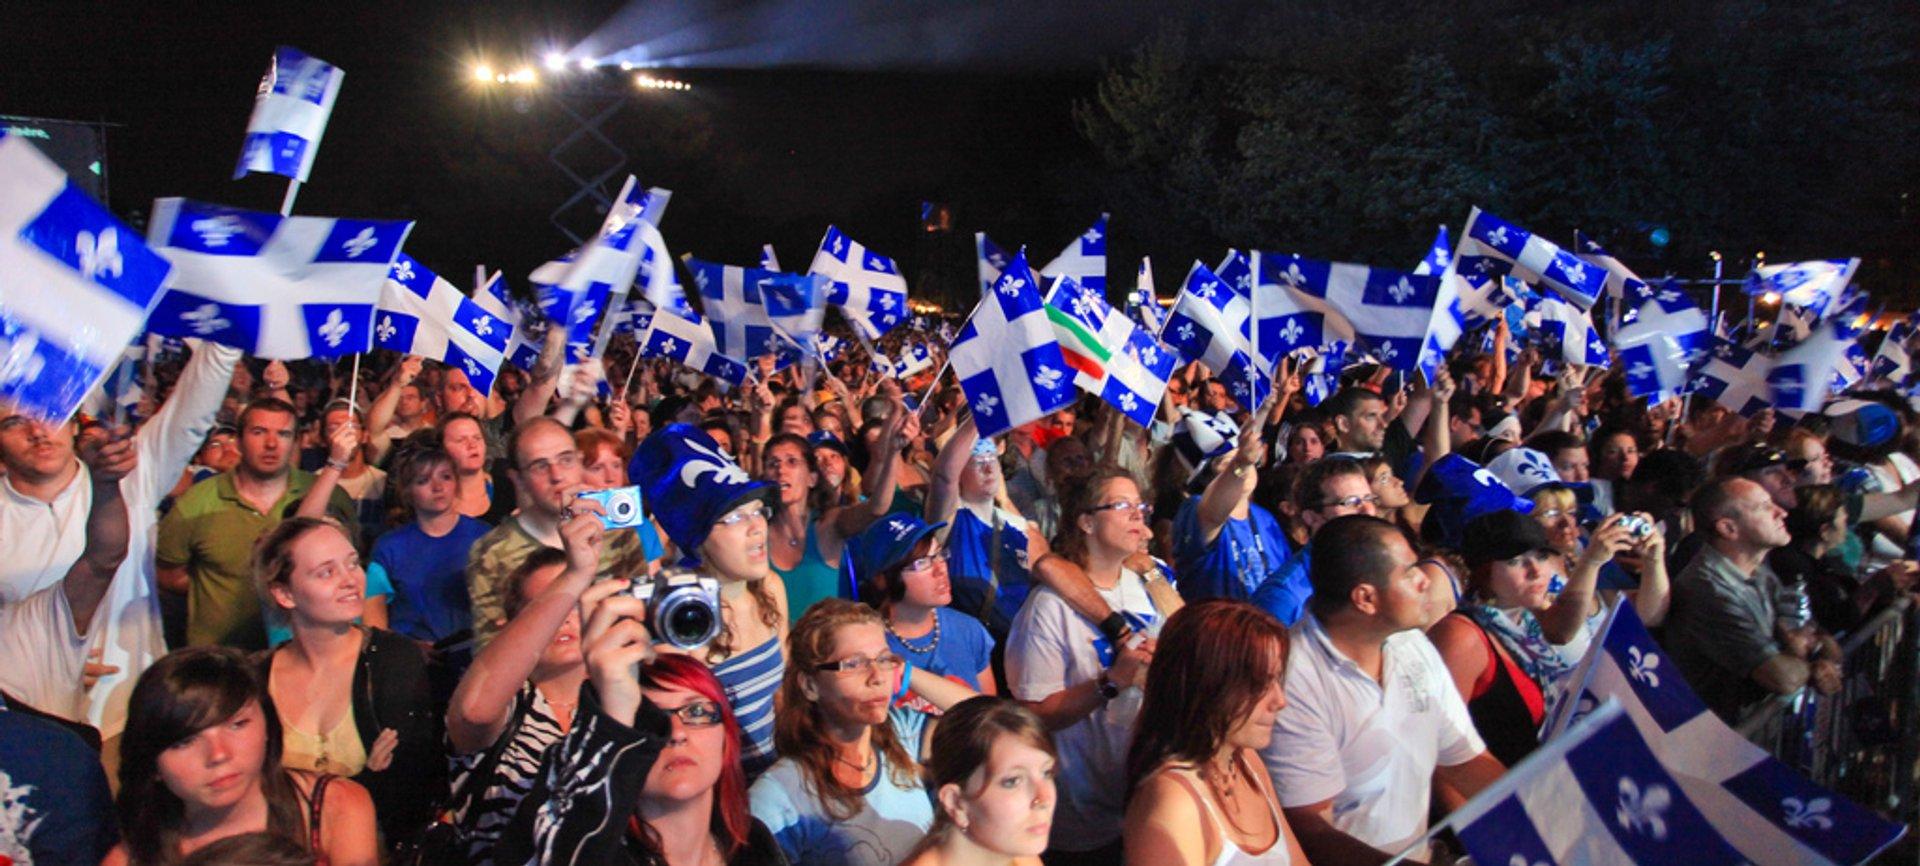 St. Jean Baptiste Day in Quebec 2020 - Best Time